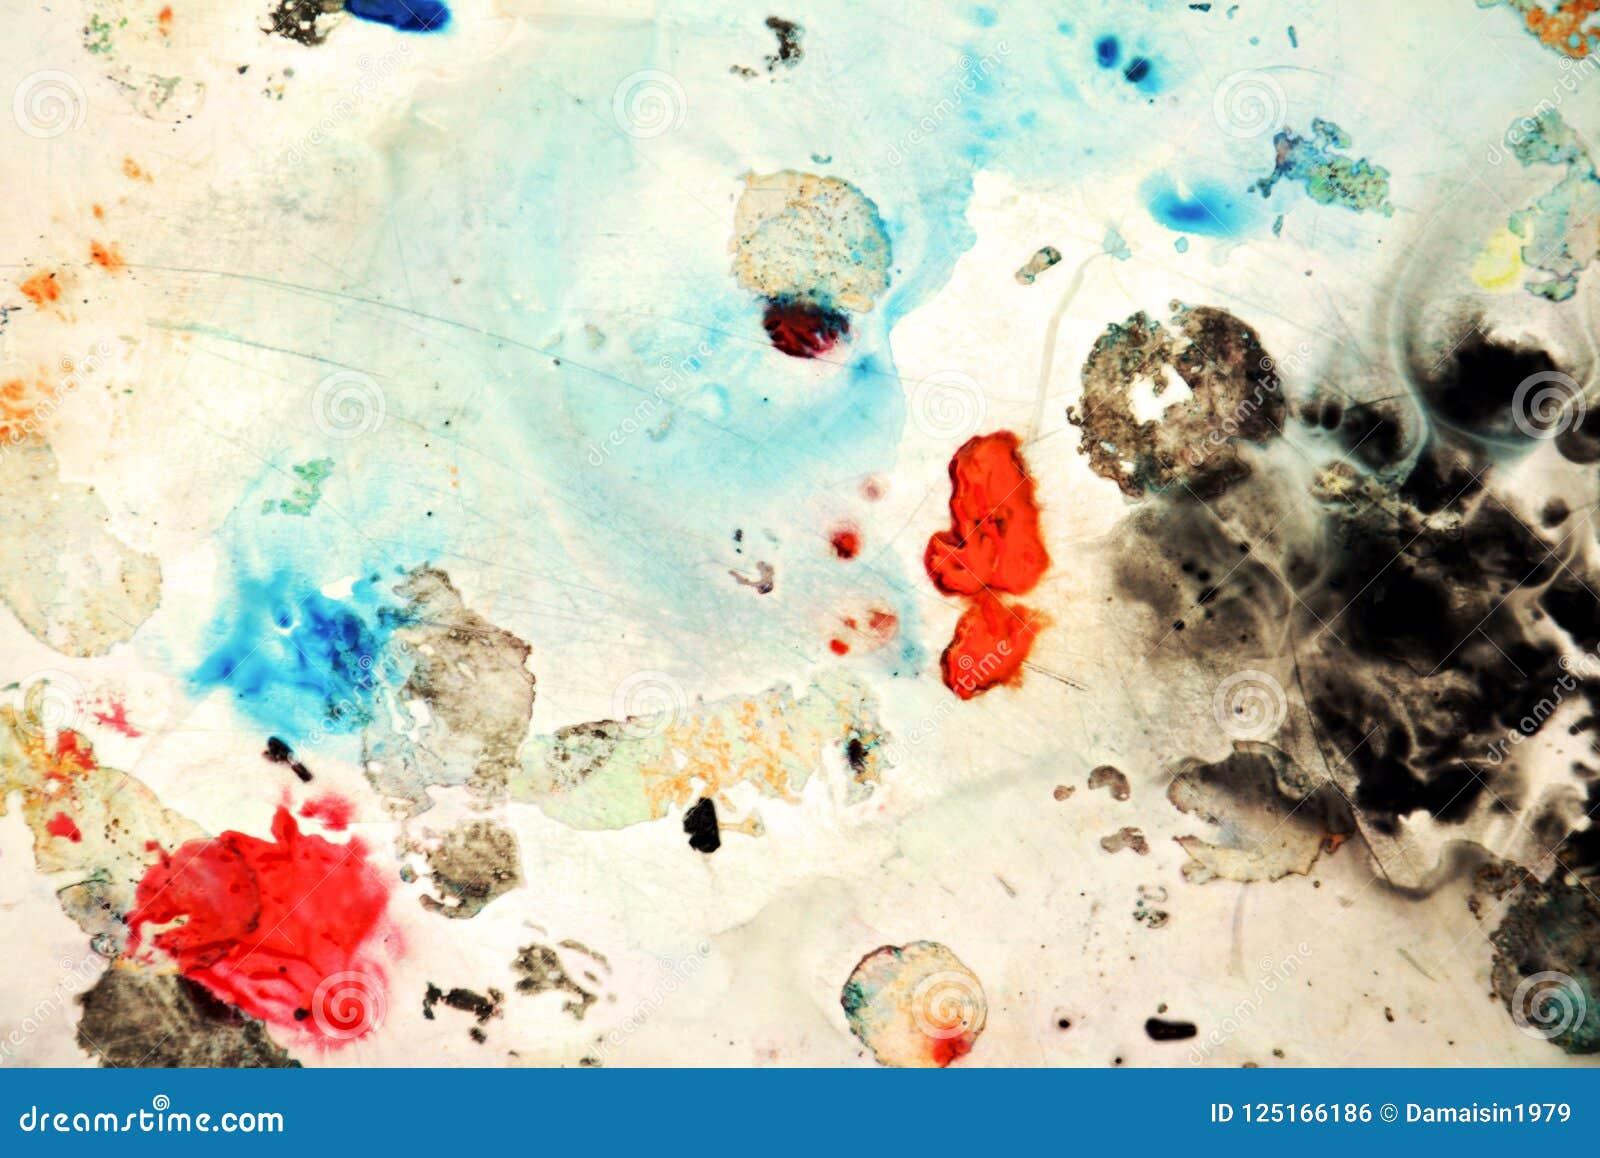 Abstrakte blaue orange schwarze Flecke, malender Aquarellhintergrund, malende abstrakte Farben